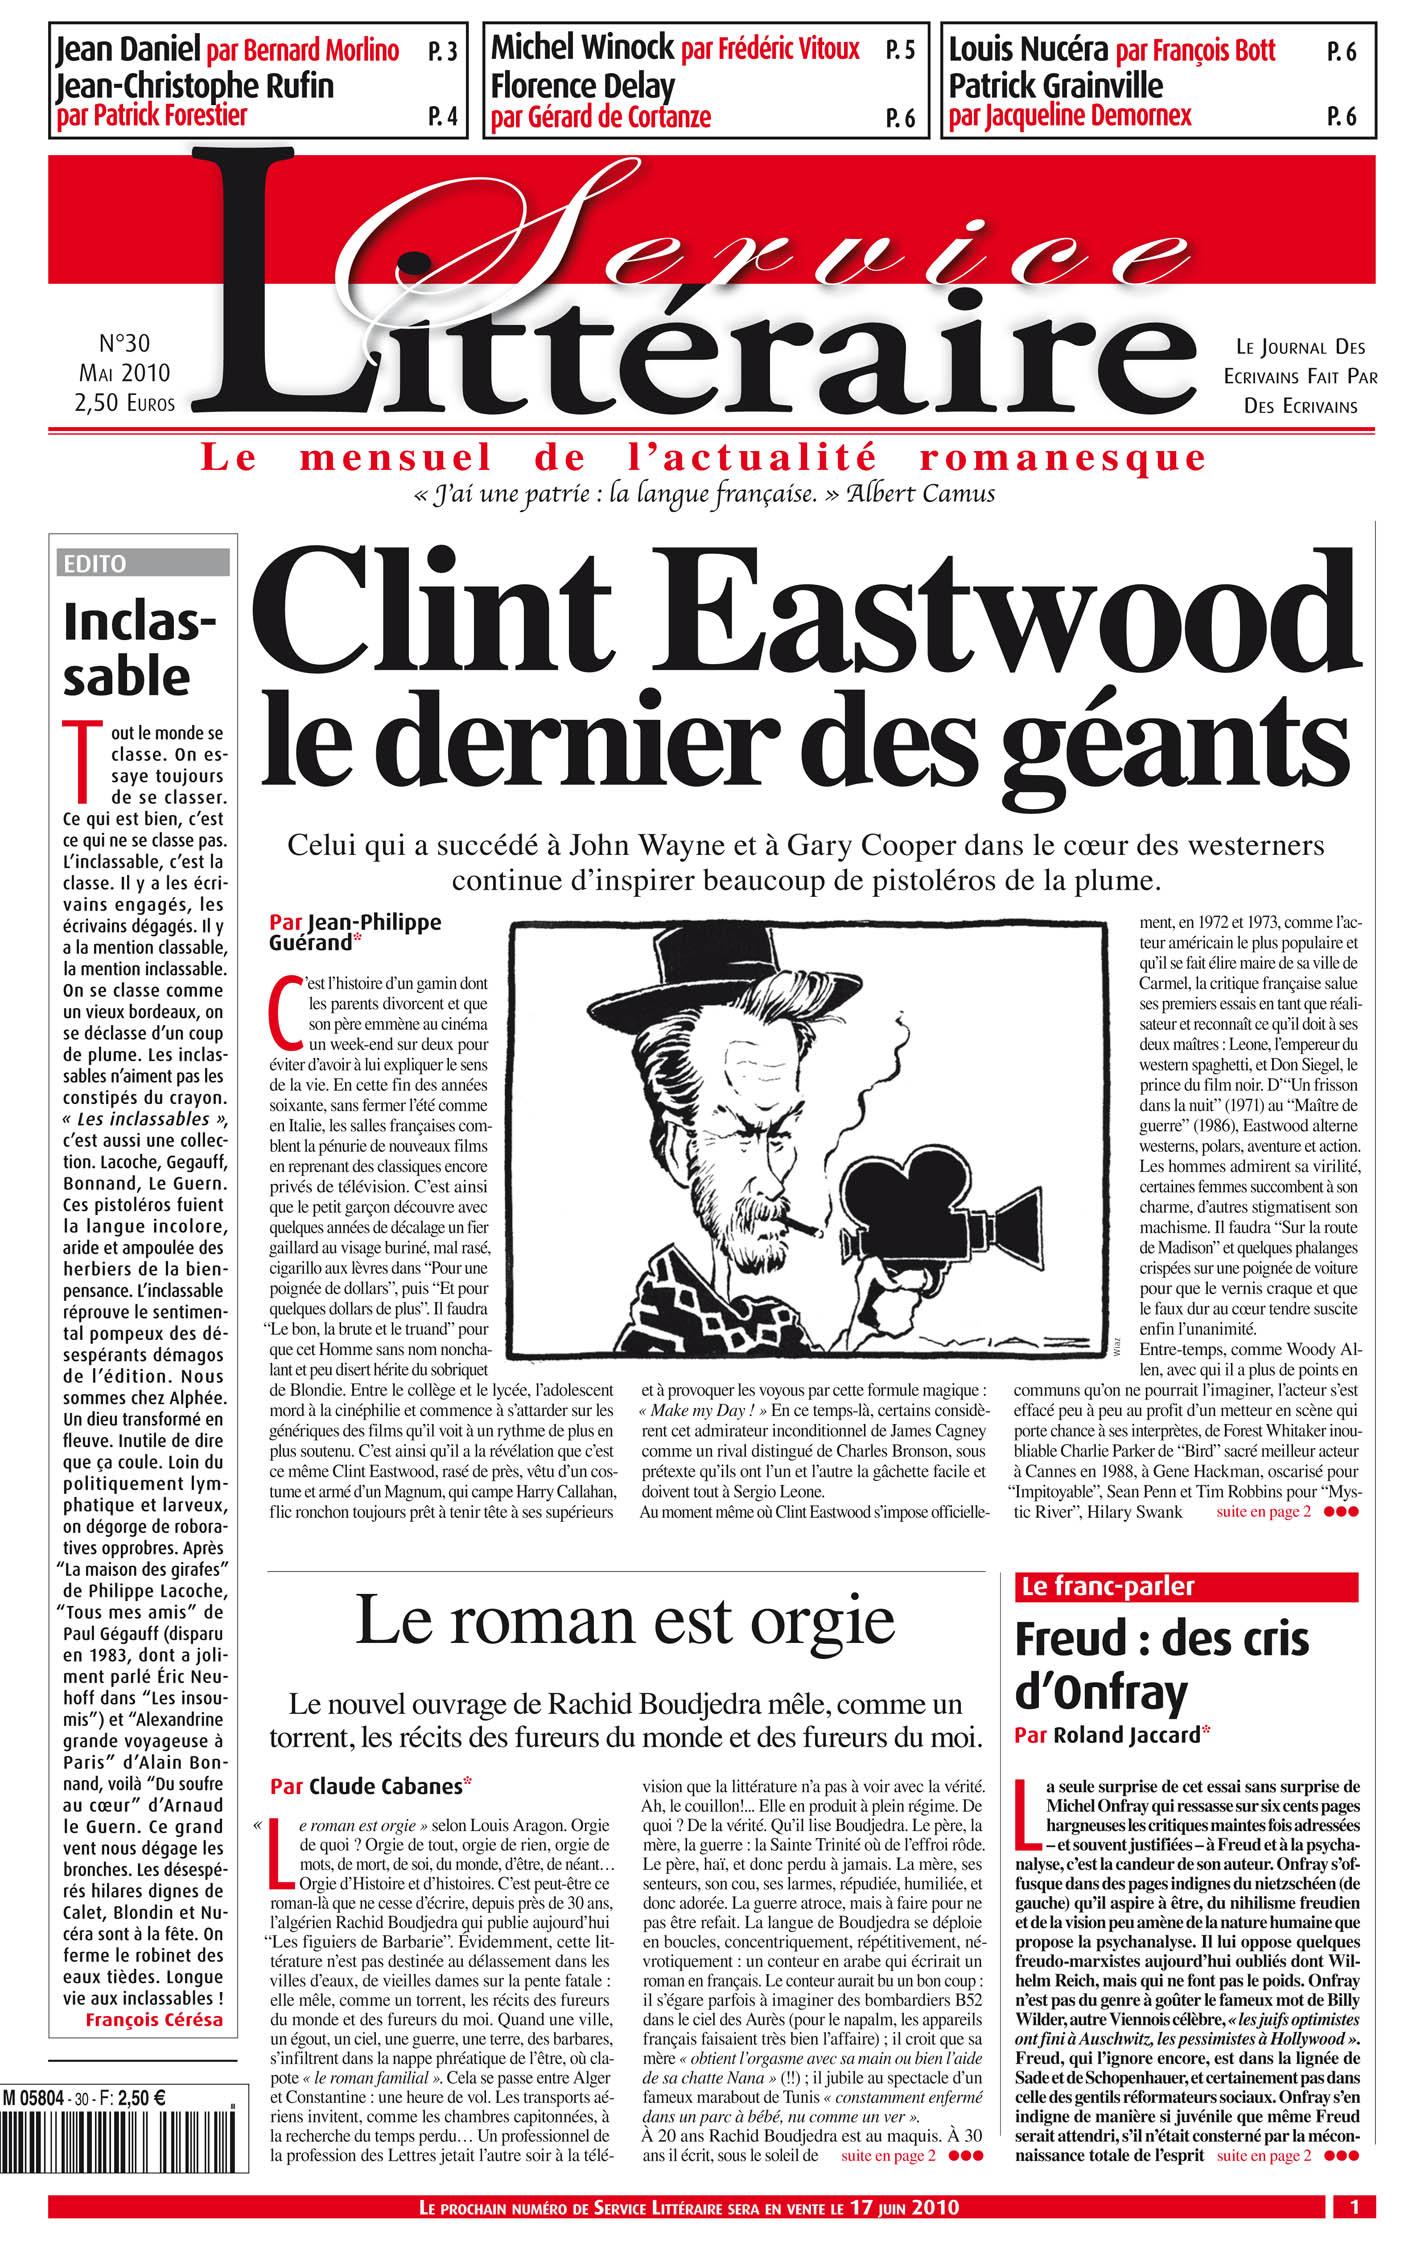 Clint Eastwood le dernier des géants